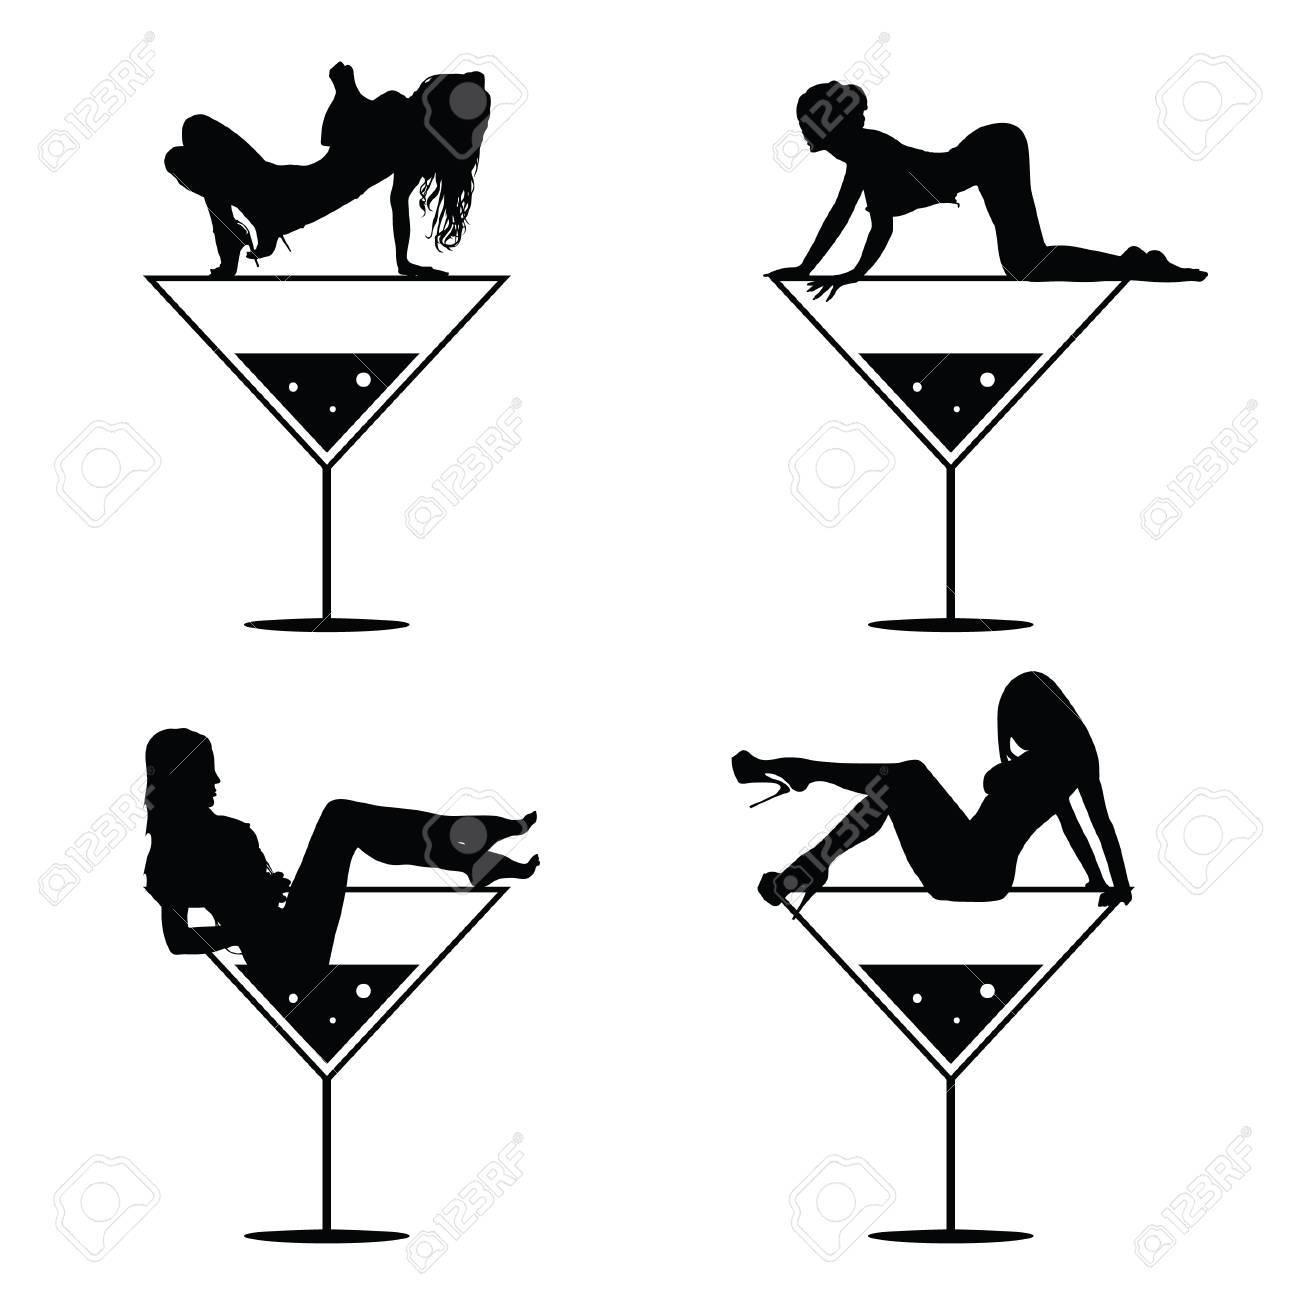 Girl In Martini Glass Silhouette.